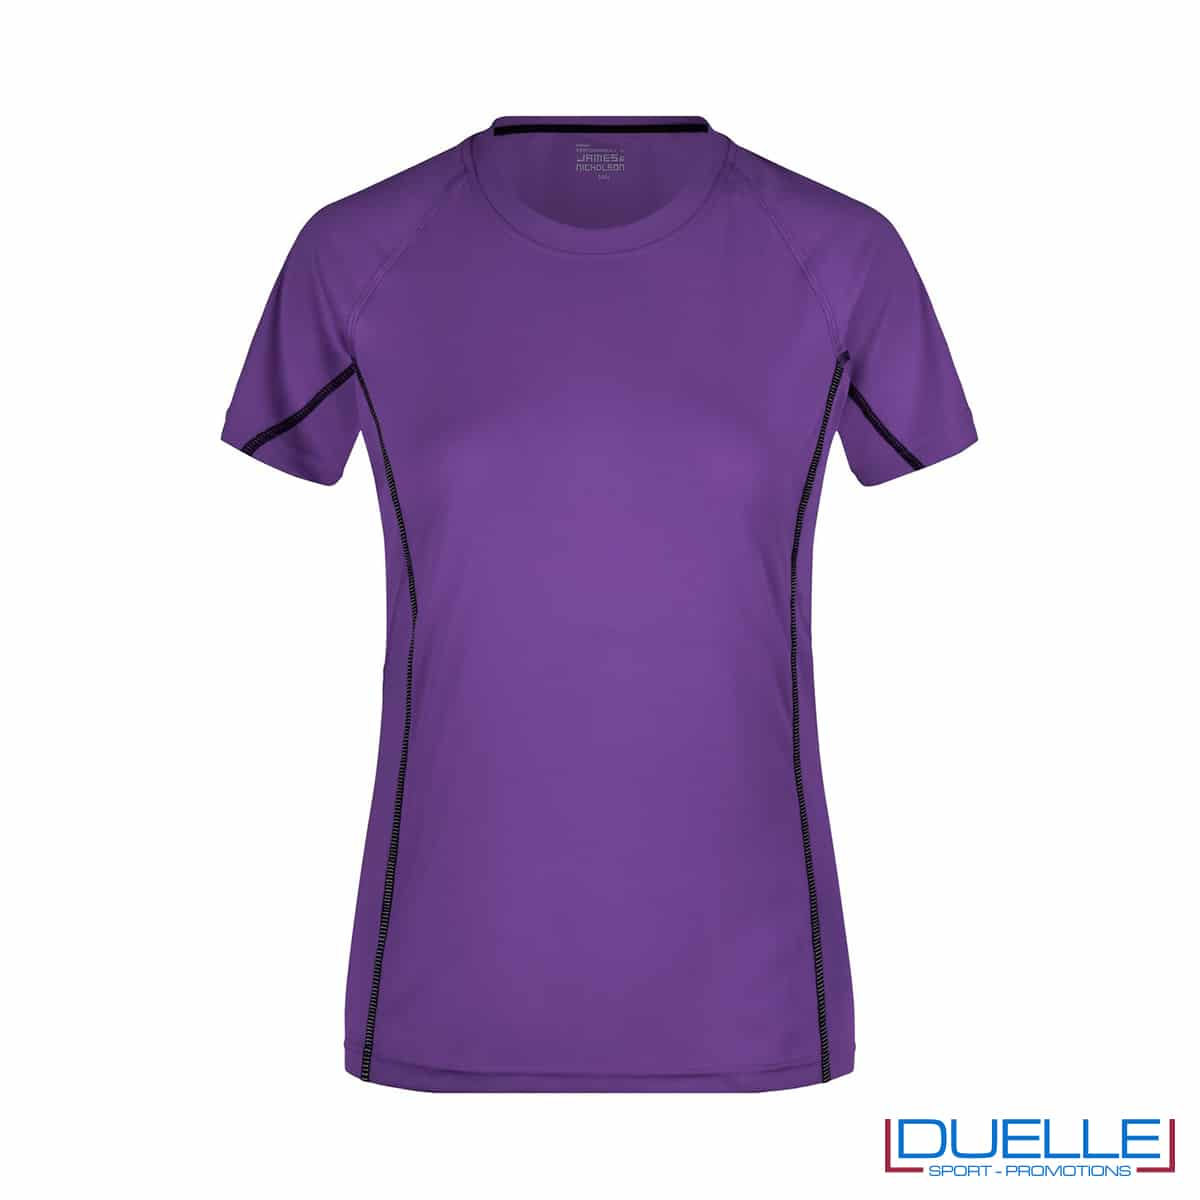 Maglia running Coolmax donna colore viola personalizzata